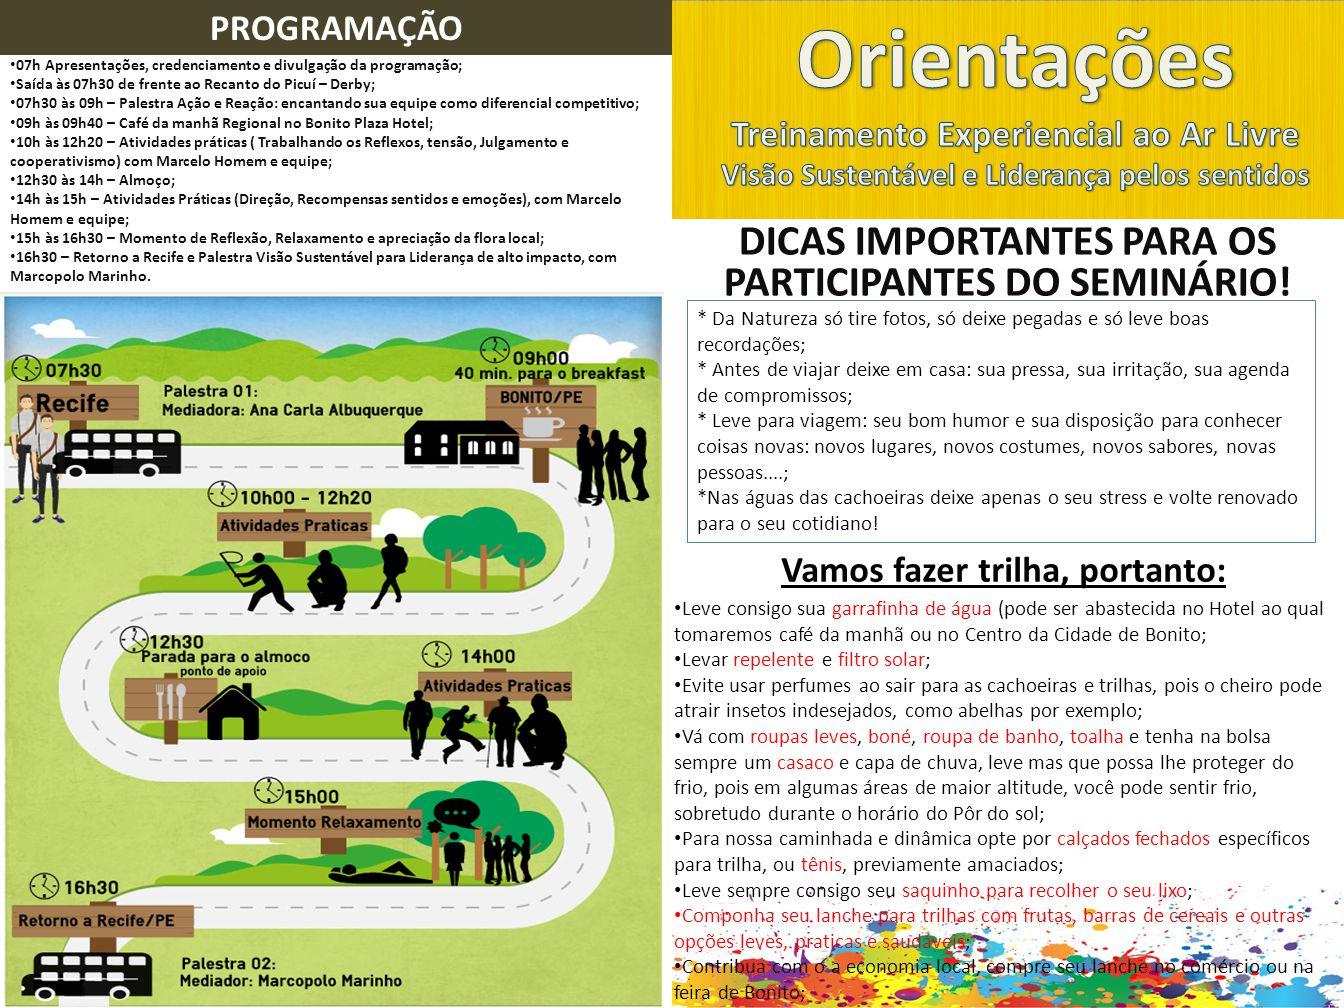 DICAS IMPORTANTES PARA OS PARTICIPANTES DO SEMINÁRIO.